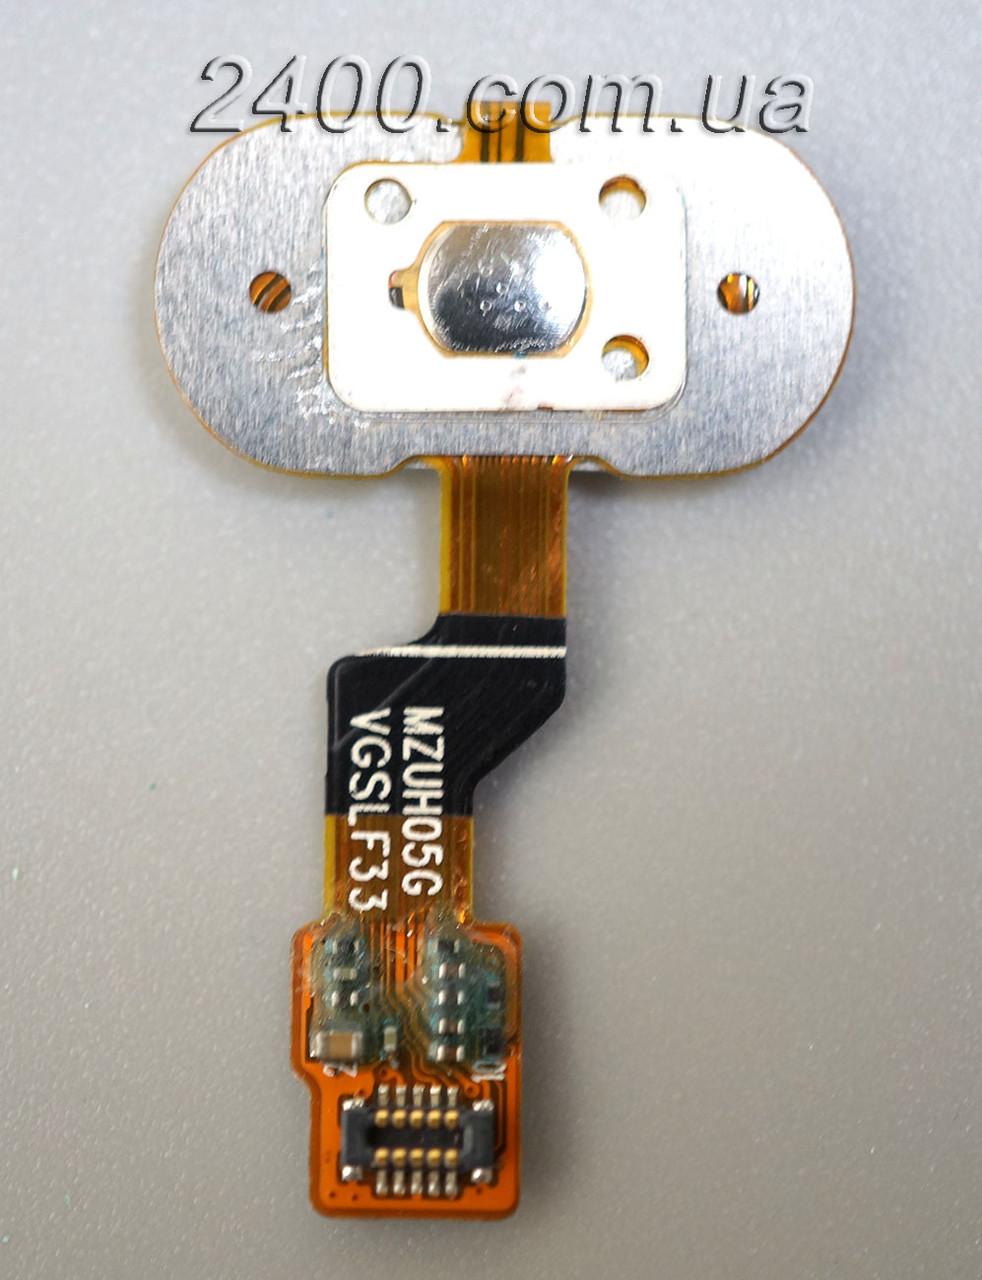 Cенсорная кнопка для смартфона Meizu M3s черная, кнопка меню мейзу м3с